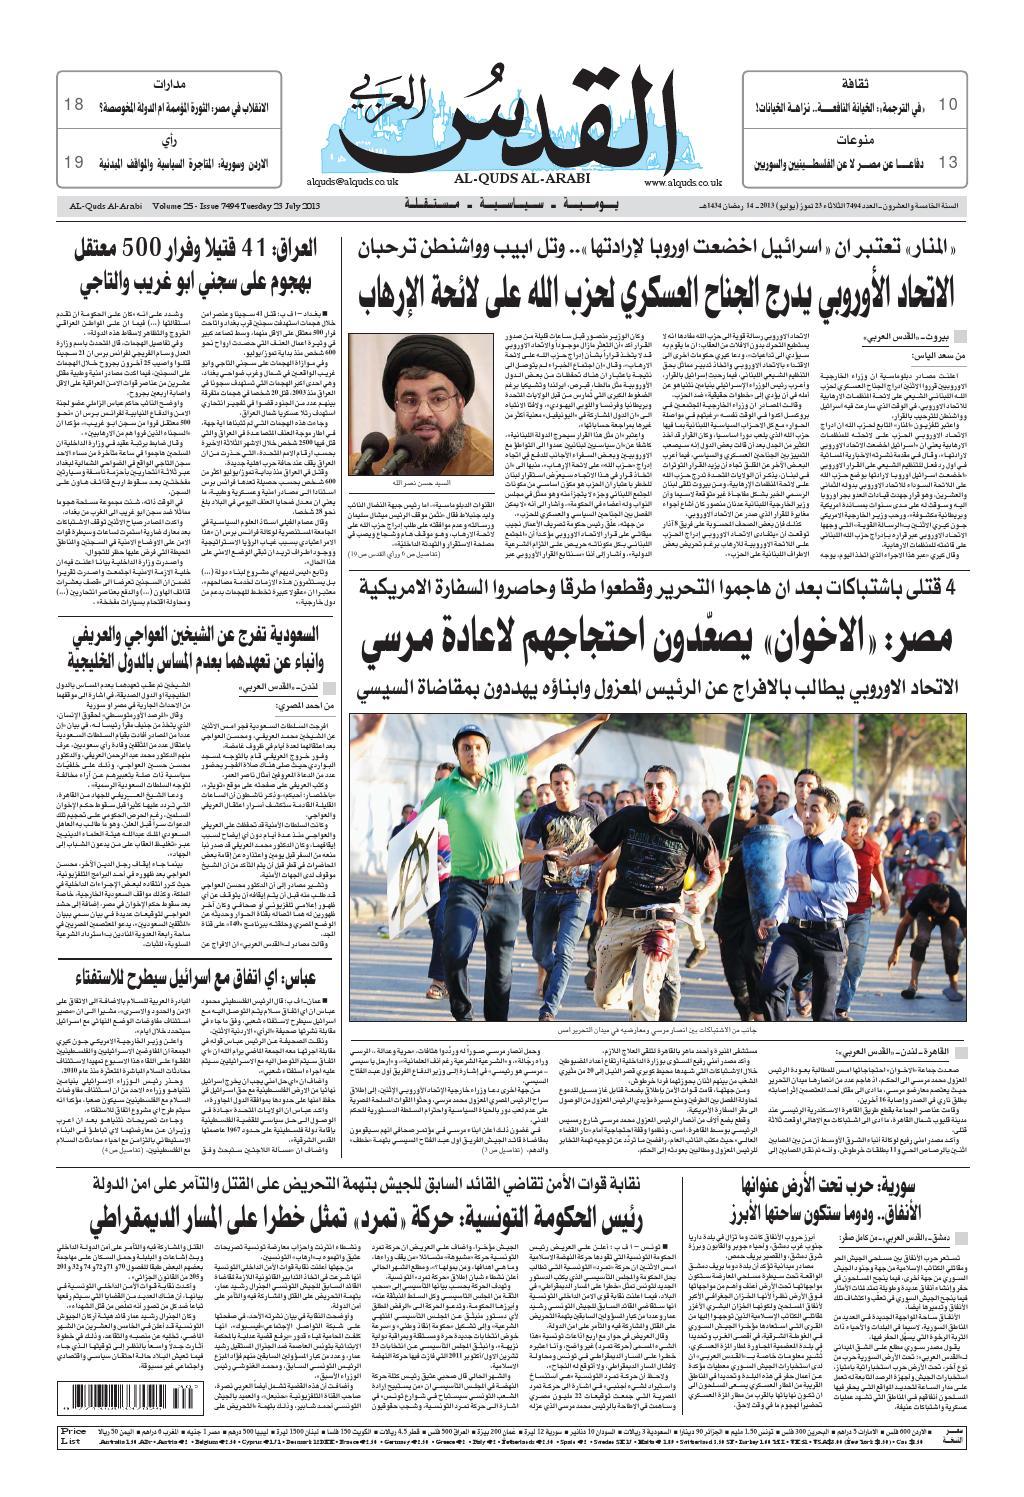 d6cf3e953 صحيفة القدس العربي , الثلاثاء 23.07.2013 by مركز الحدث - issuu